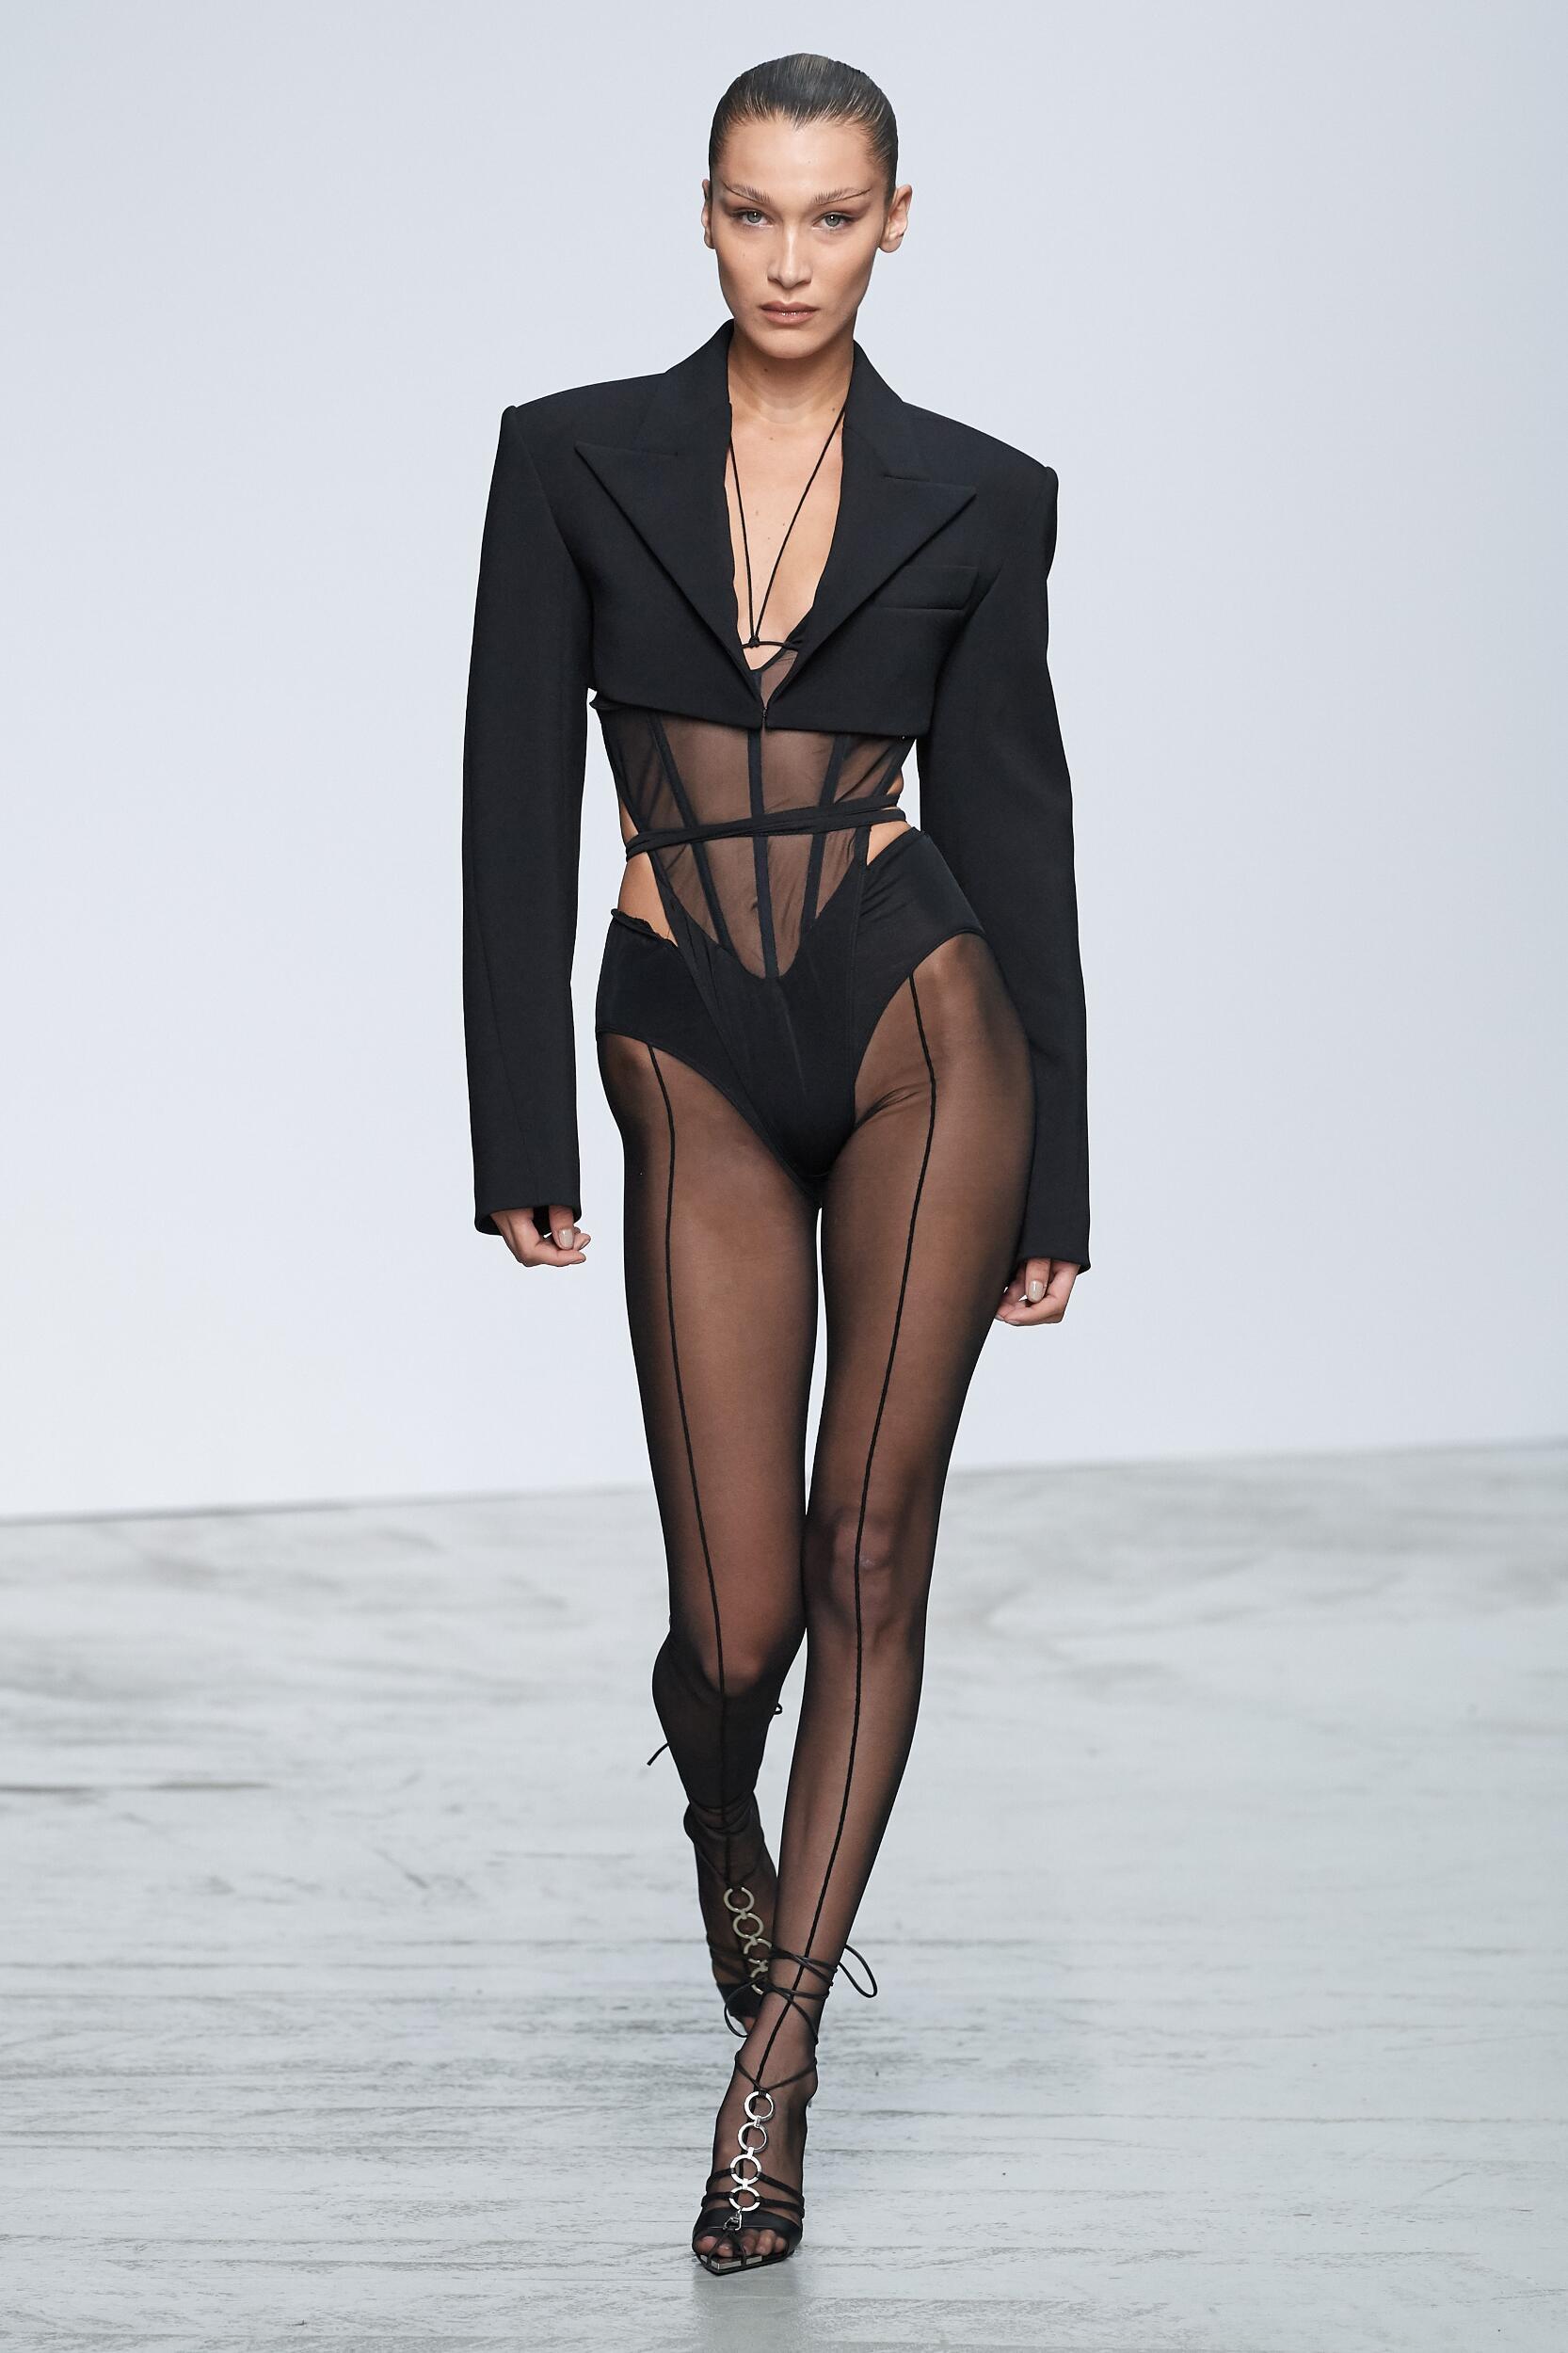 Mugler Fashion Show SS 2020